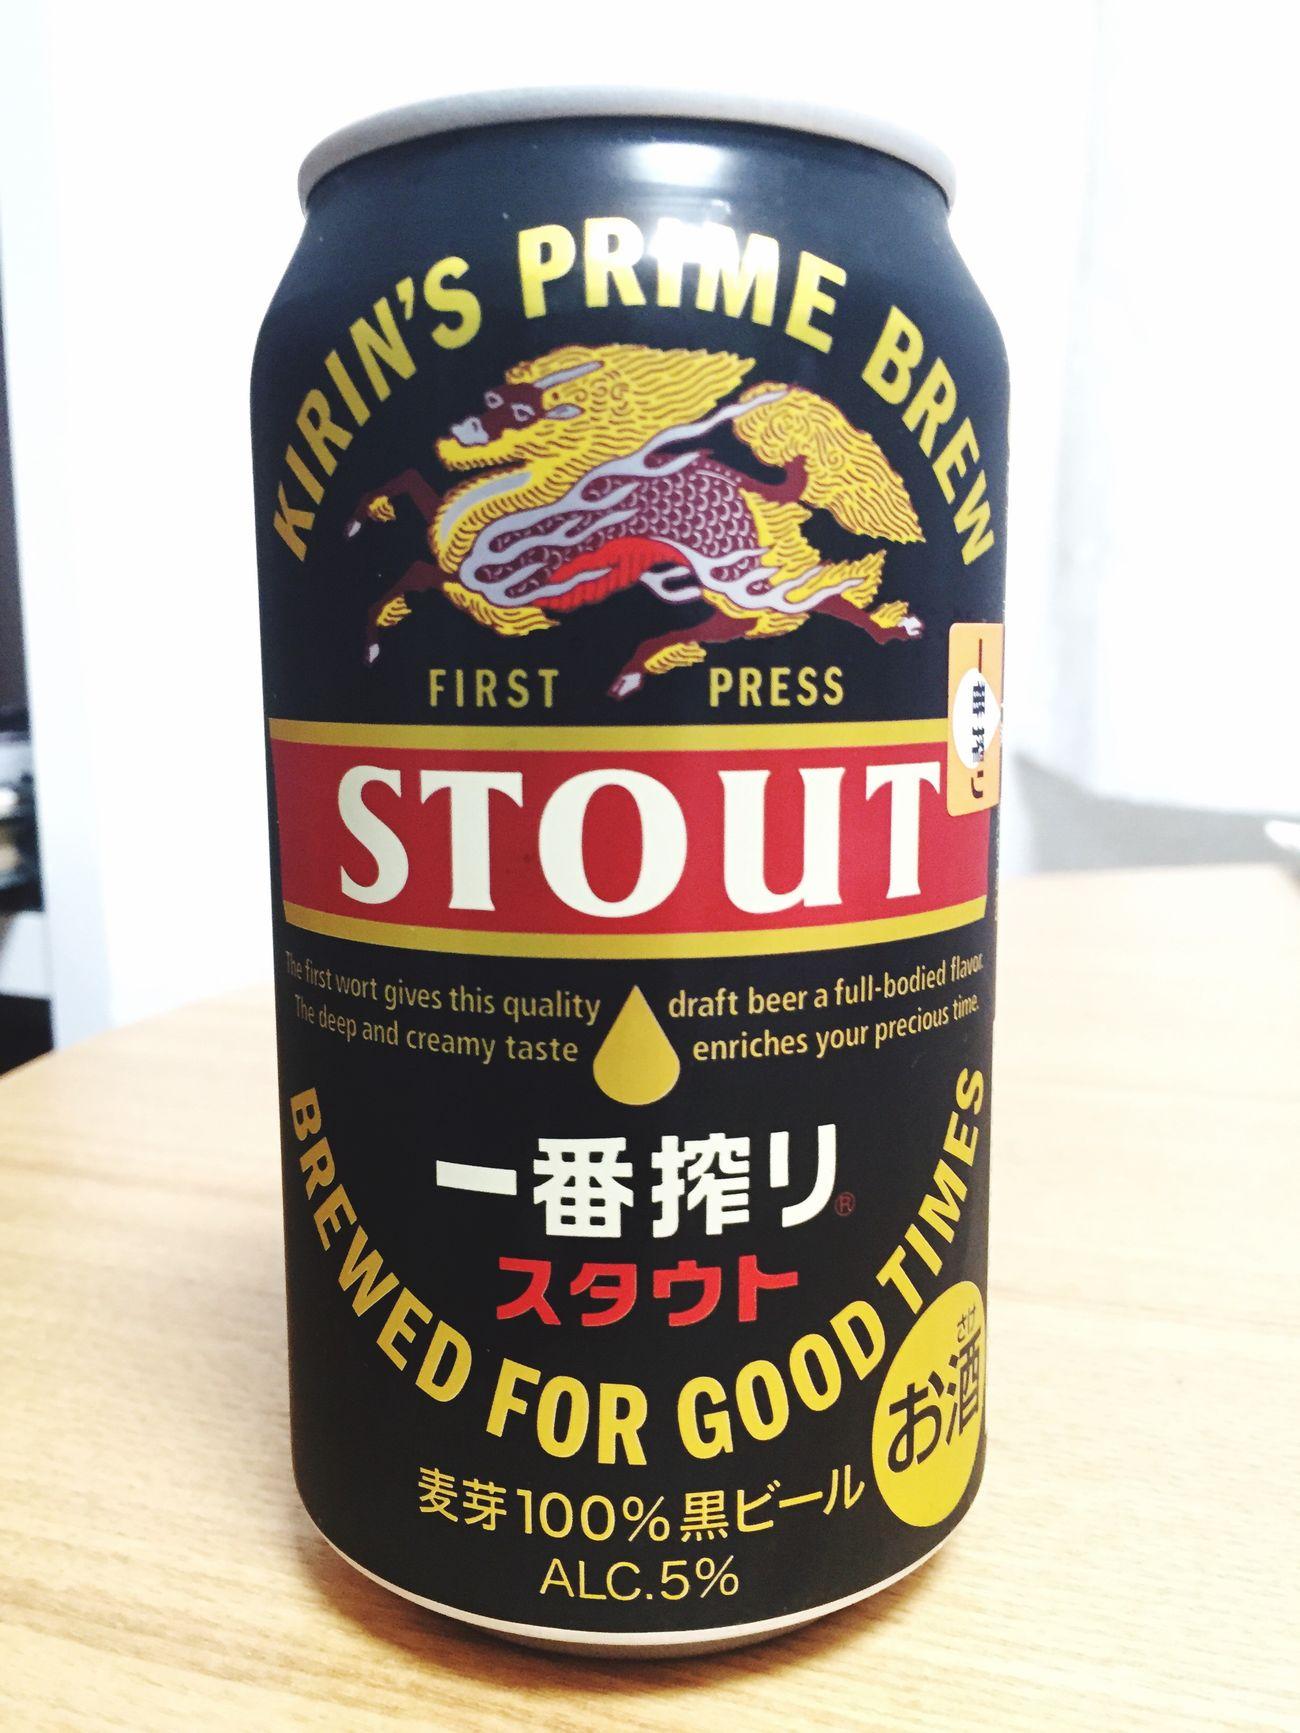 一番搾りSTOUT頂き( ^ ^ )/□ こっちの方が好きかな Beer 麦酒 Alcohol